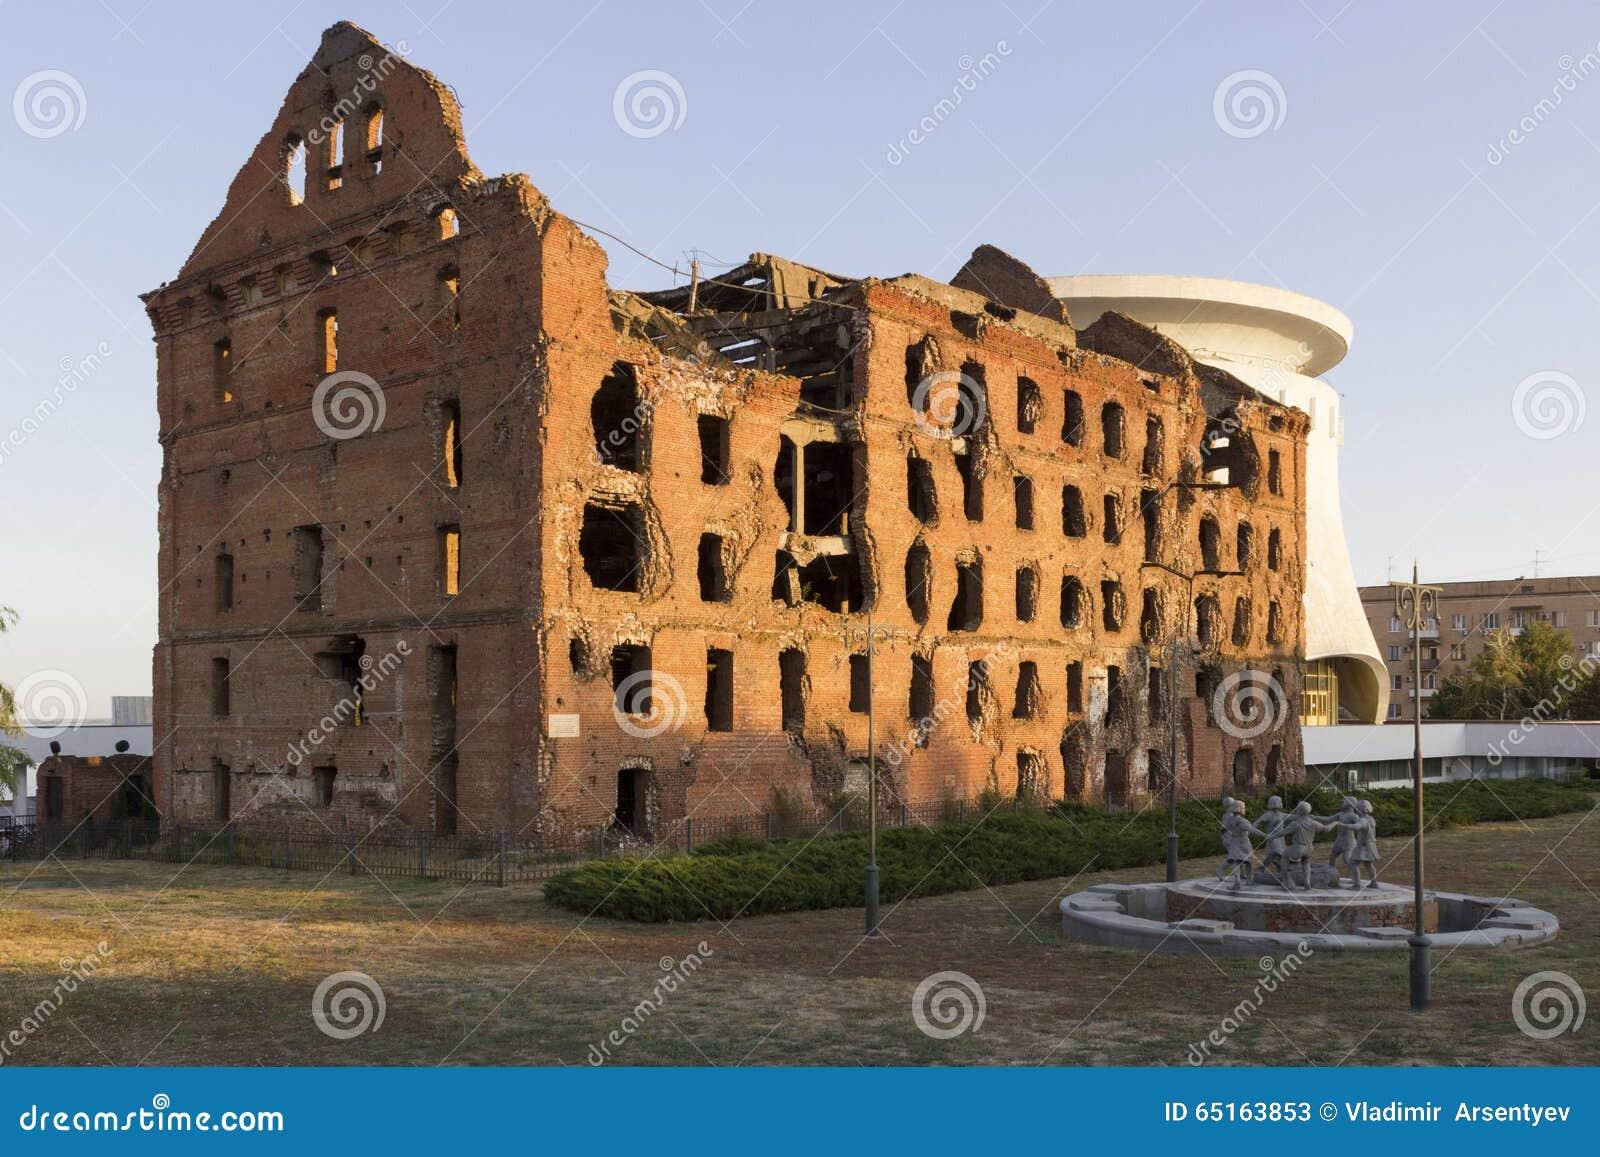 Ruined mill of Gergardt in Volgograd 72